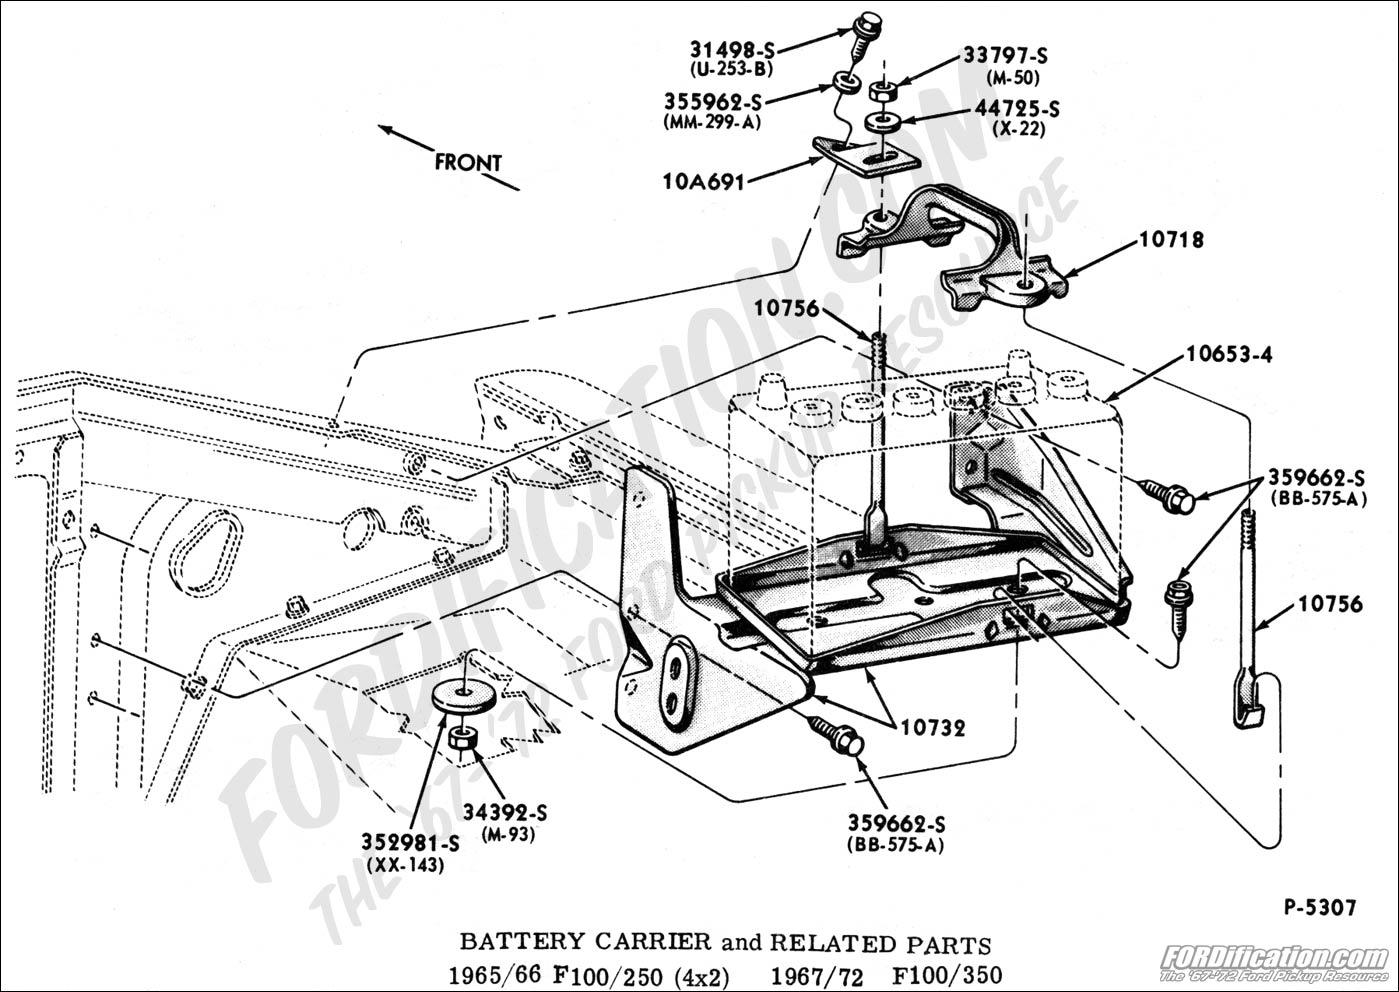 1966 mustang emergency flasher wiring diagram